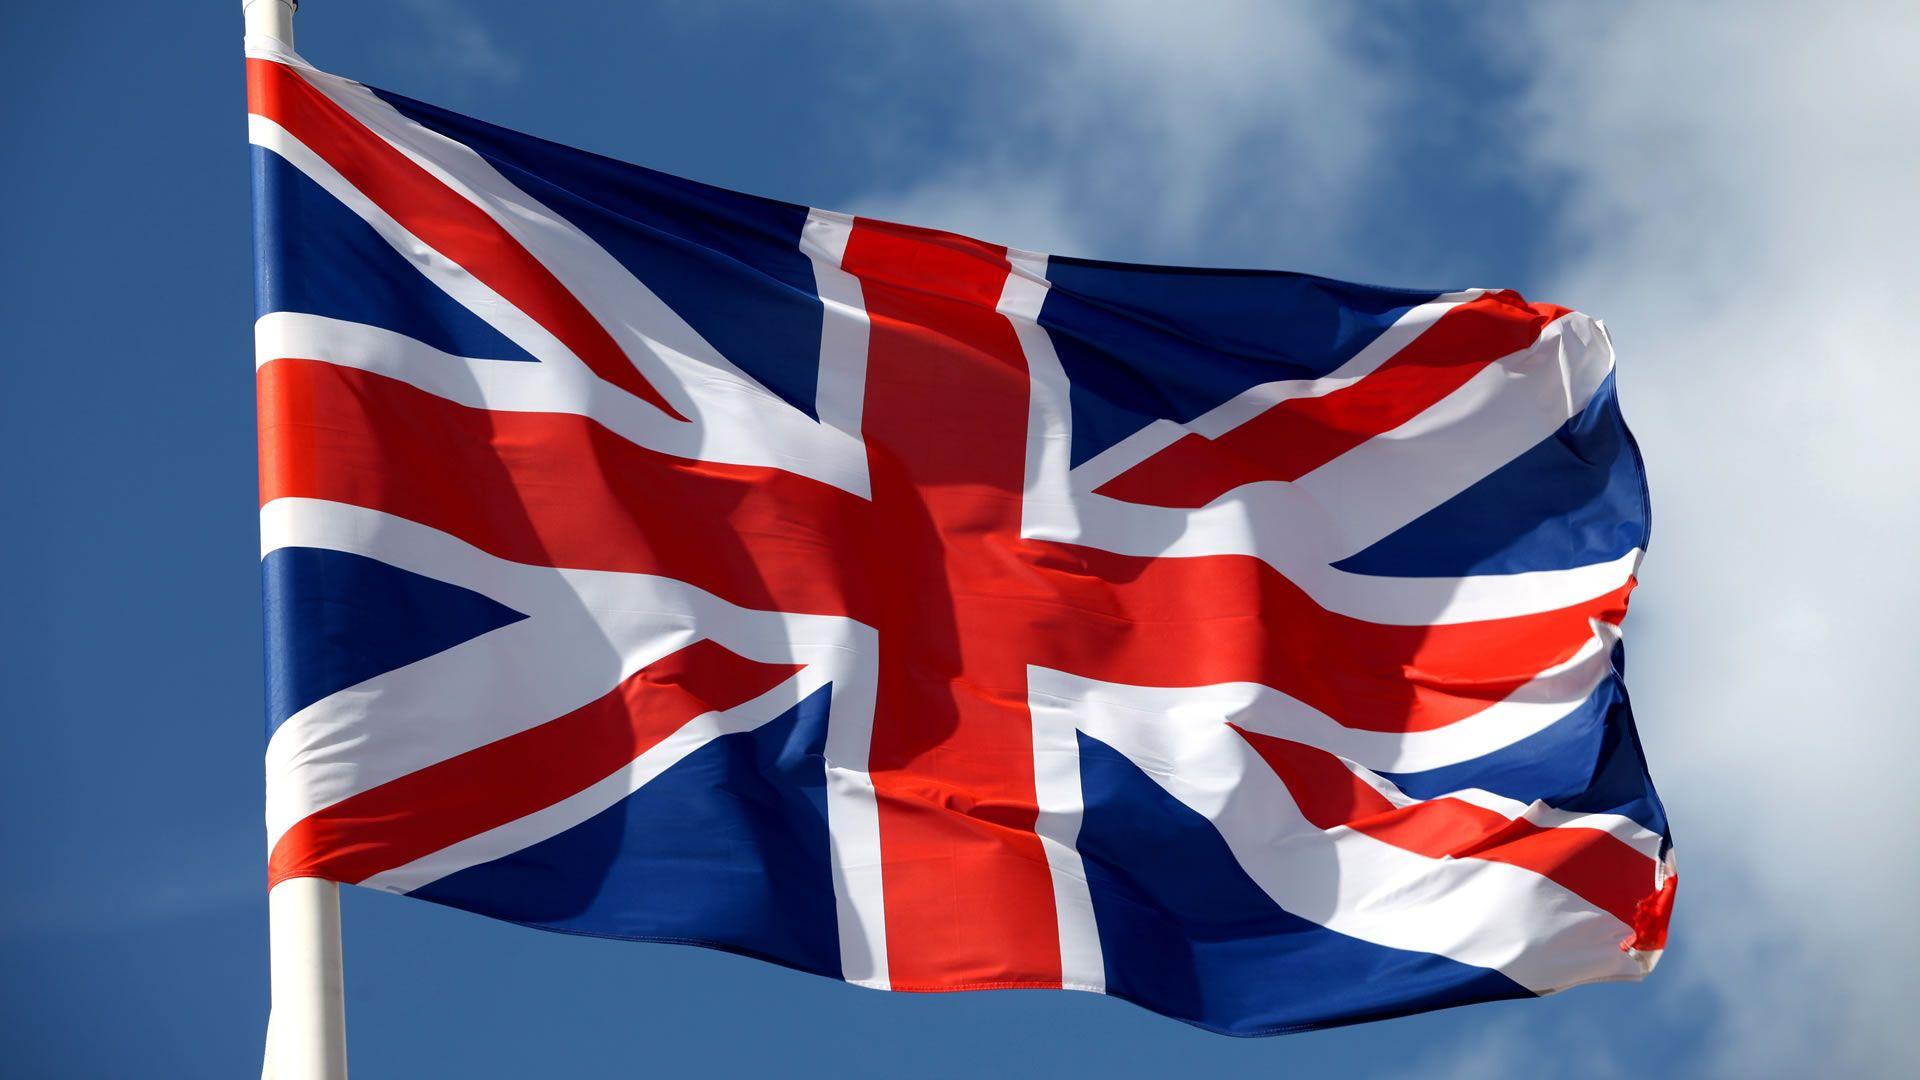 Reino Unido asegura que seguirá apoyando a la sociedad civil en Venezuela